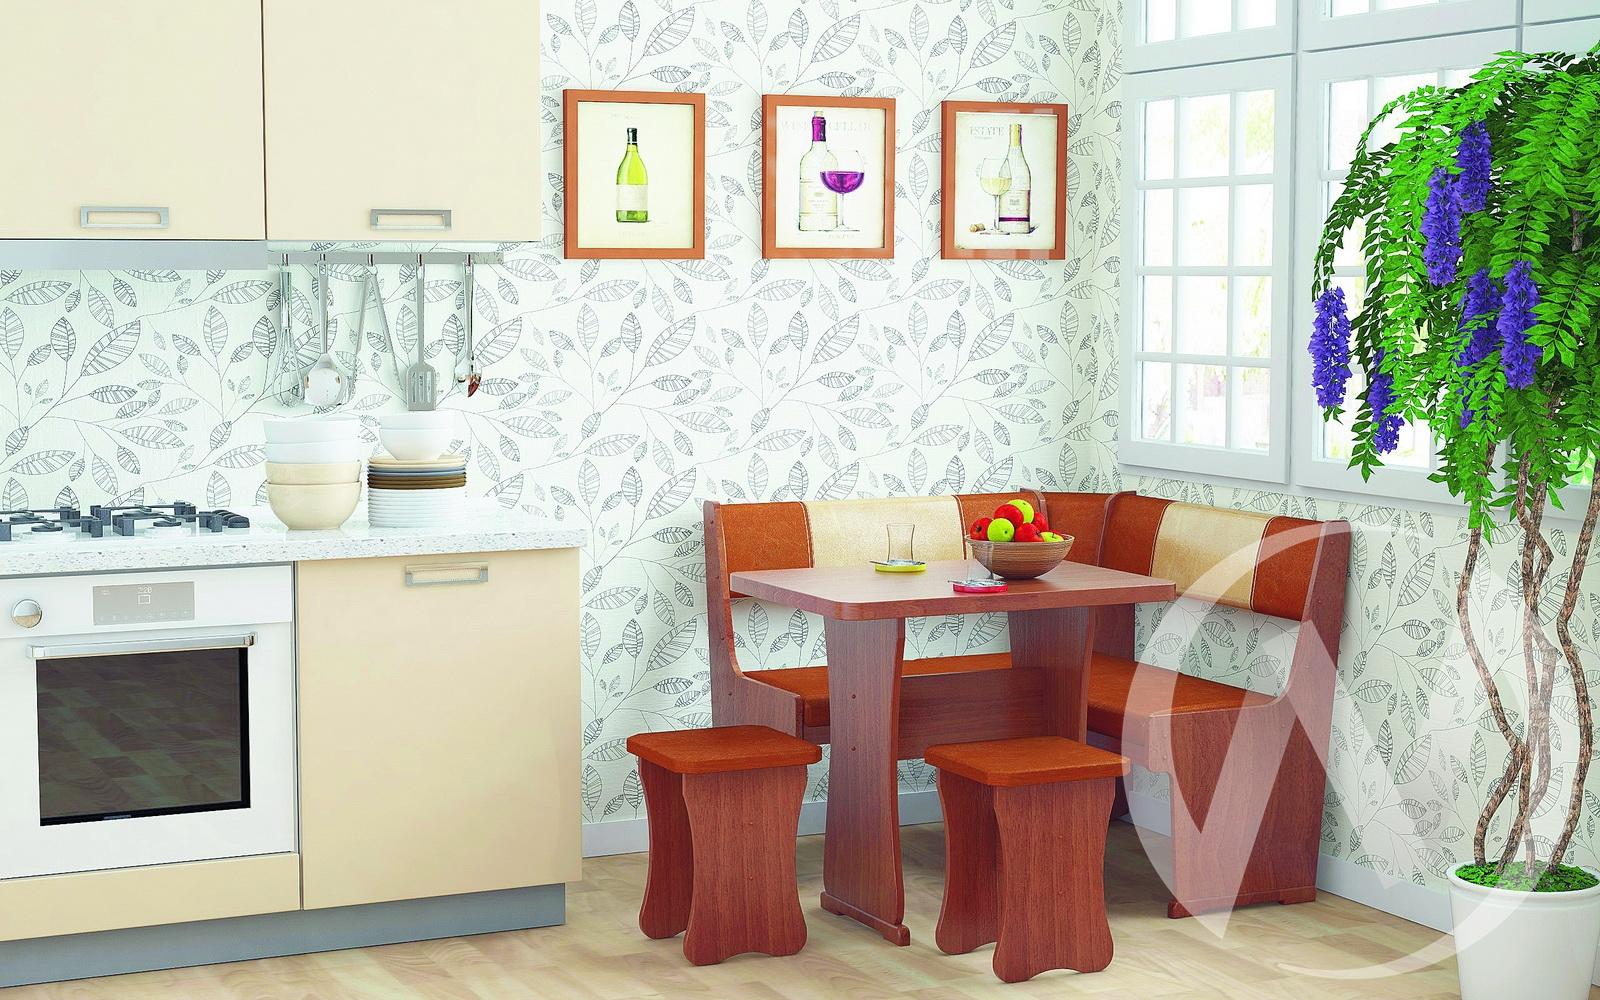 Кухонный уголок Гамма мини тип 1 (ольха/рыжий,бежевый)